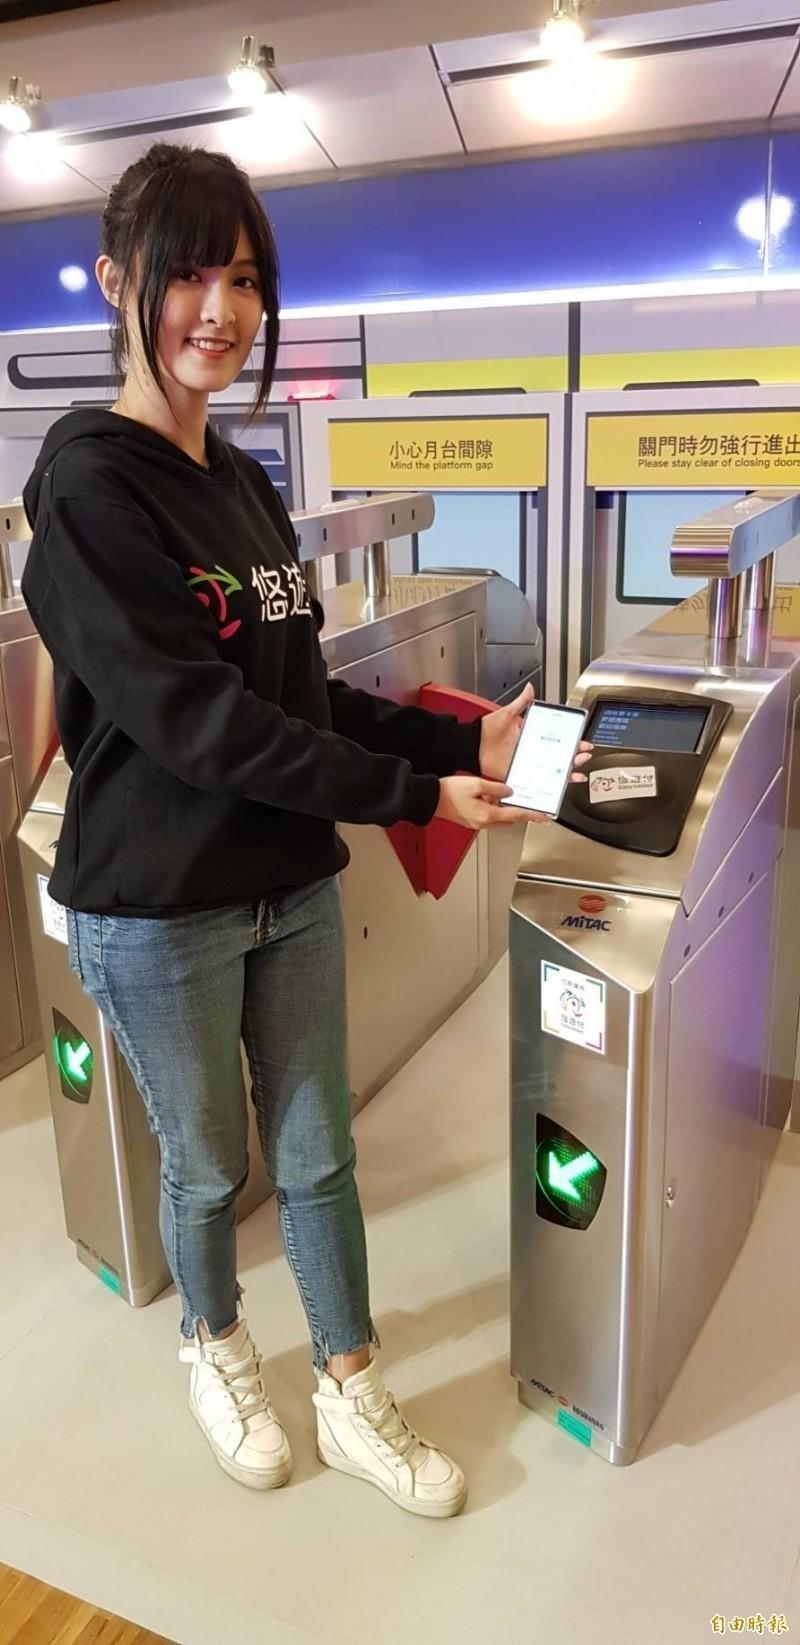 悠遊卡公司透過正妹示範如何使用悠遊付。(悠遊卡公司提供)